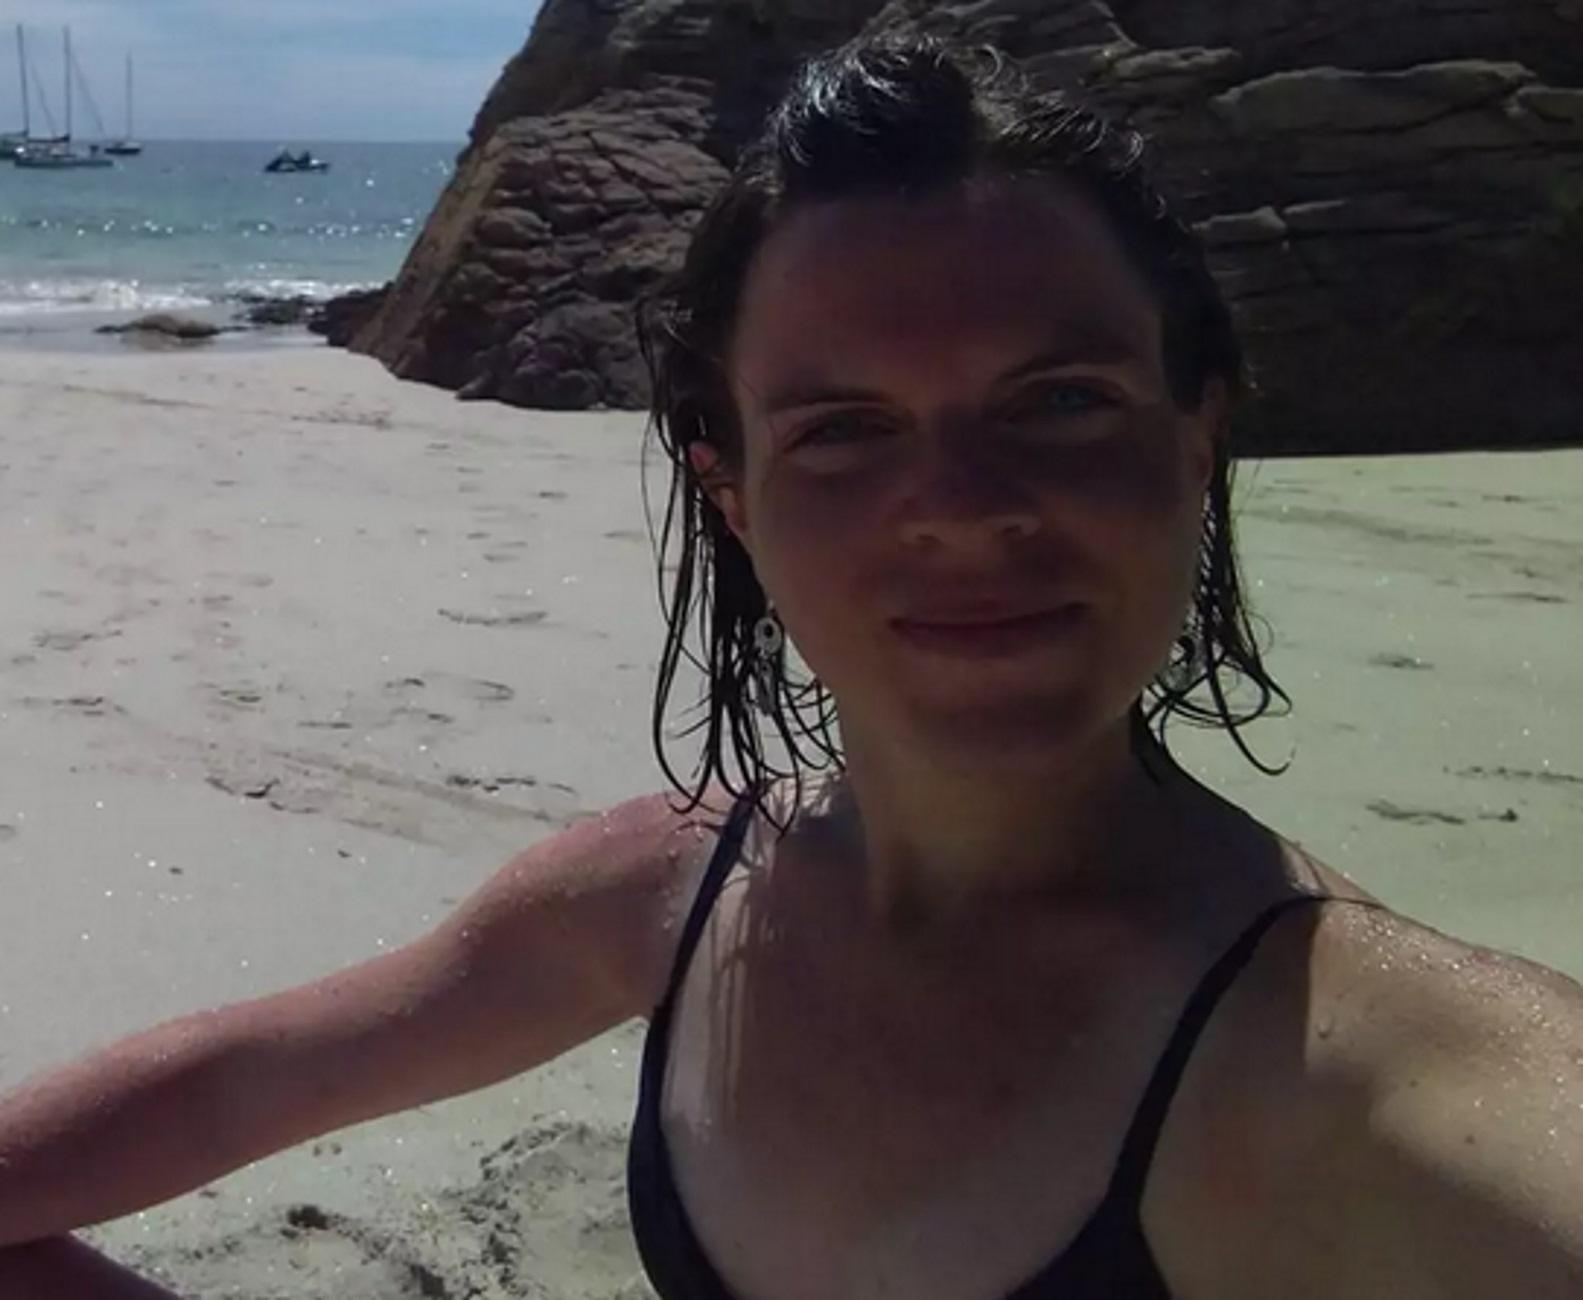 Νεκρή βρέθηκε η Γαλλίδα τουρίστρια στην Κρήτη